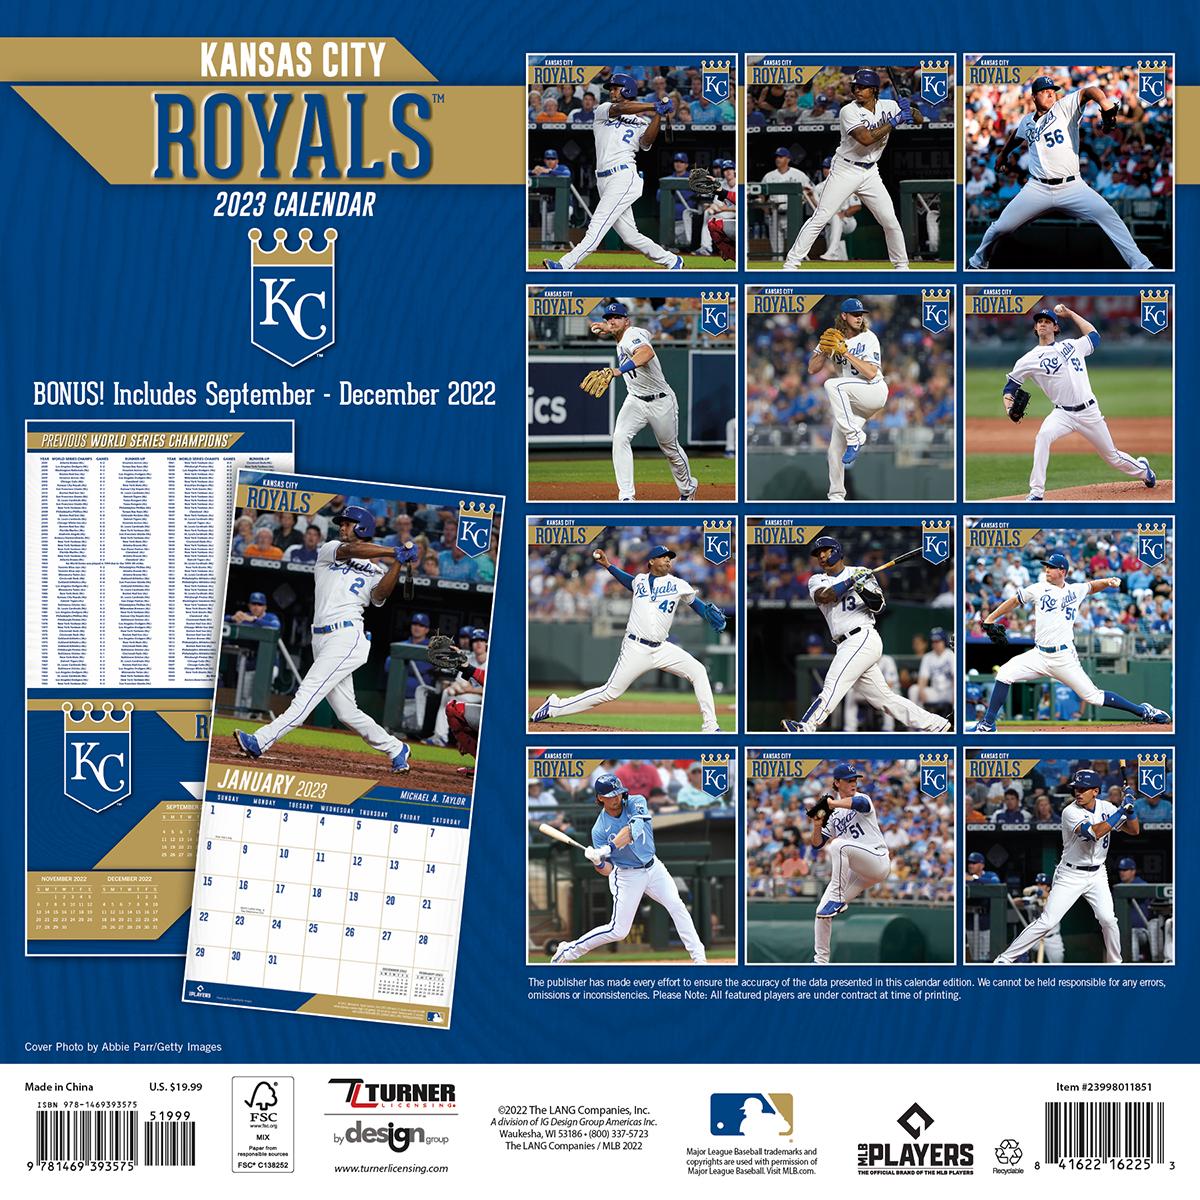 Kansas City Royals 2018 Wall Calendar Buy At Khc Sports